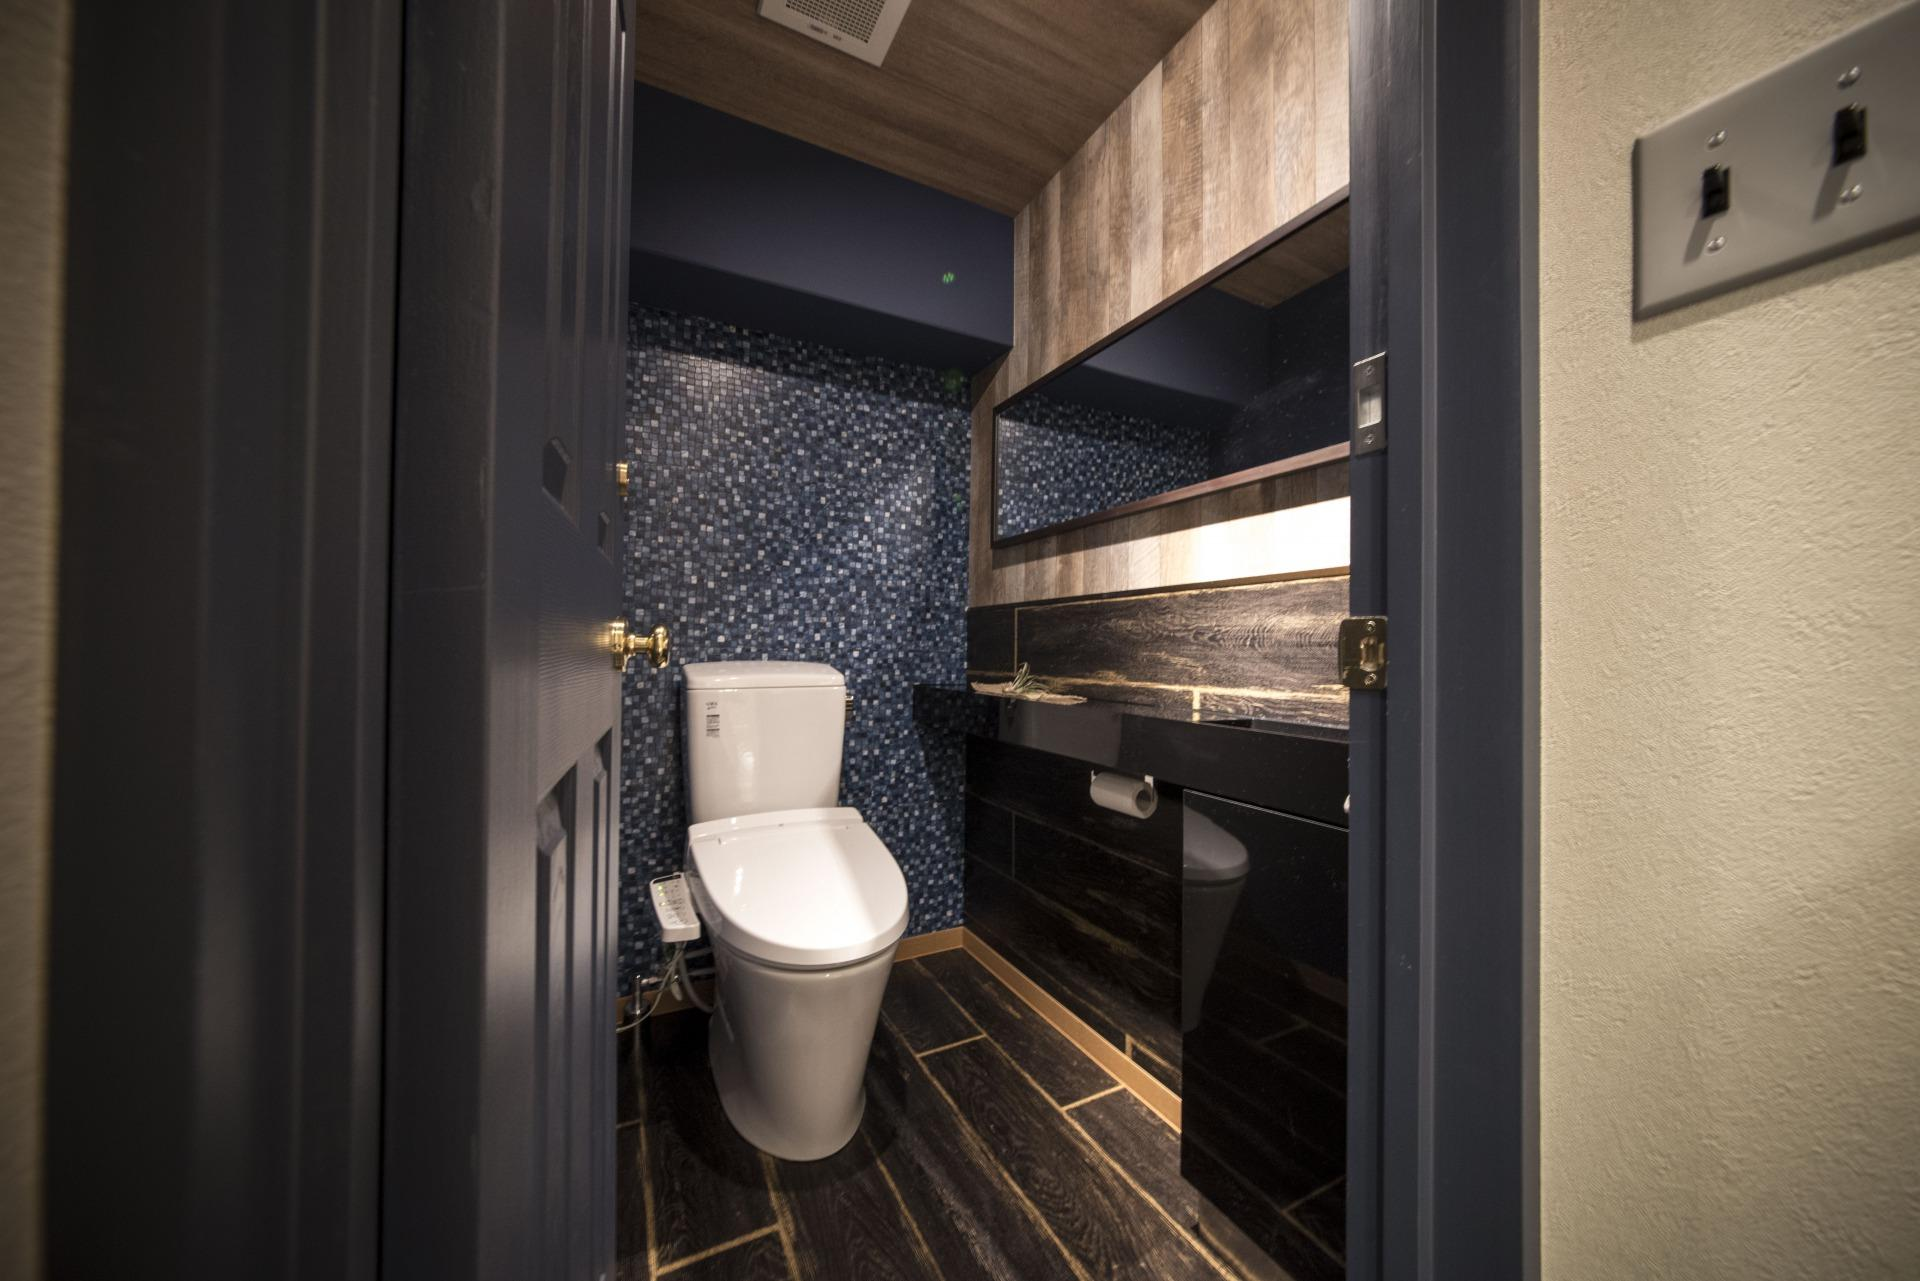 このトイレ、居心地良くて出てこない可能性ある説。